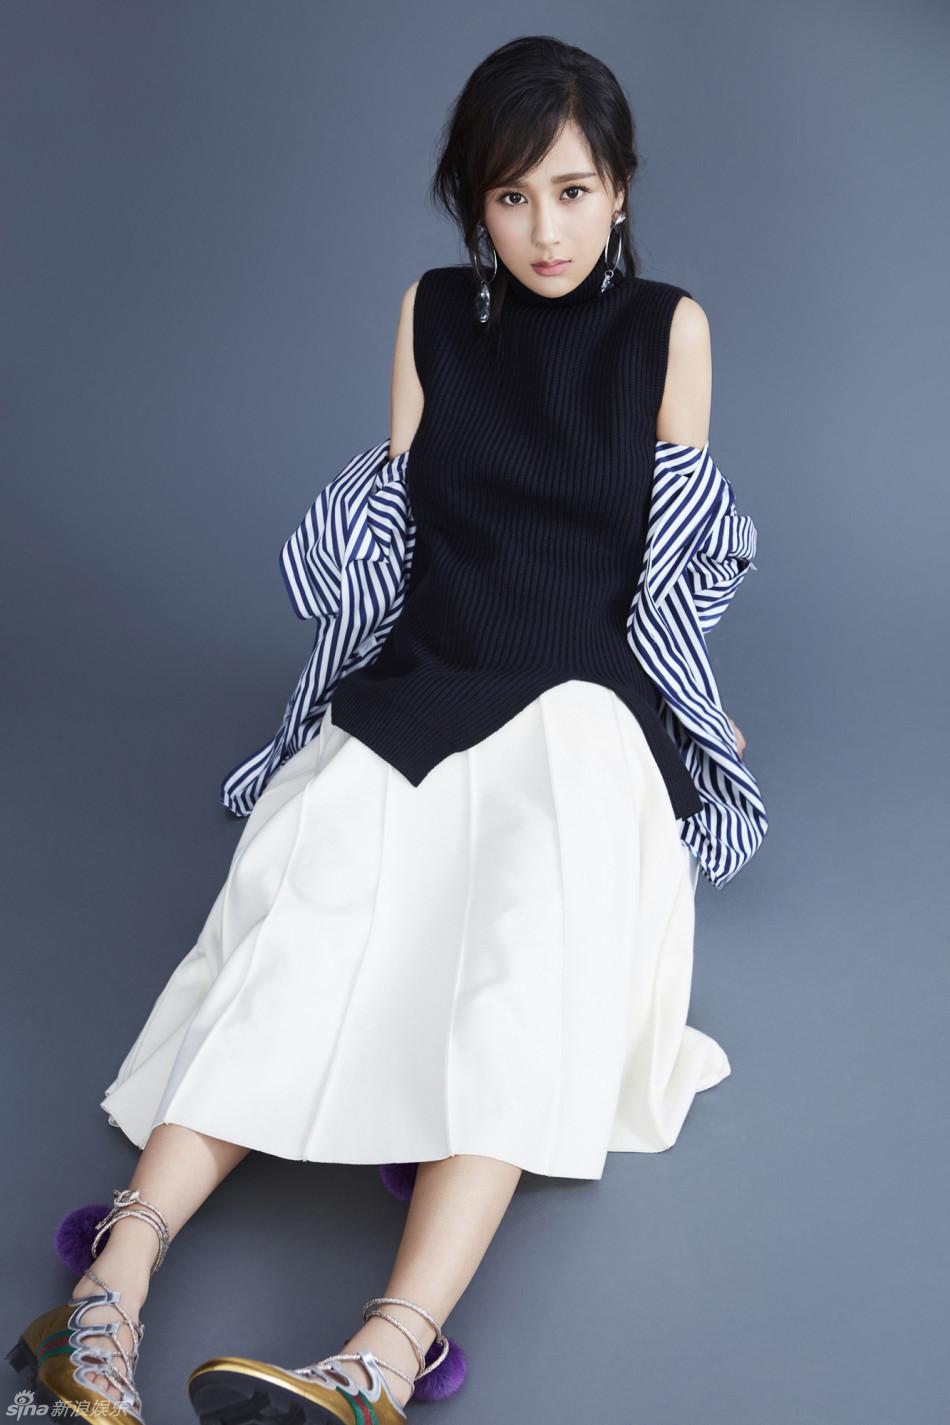 一改往日戏剧里的风格,该组大片中的杨紫在可爱的少女